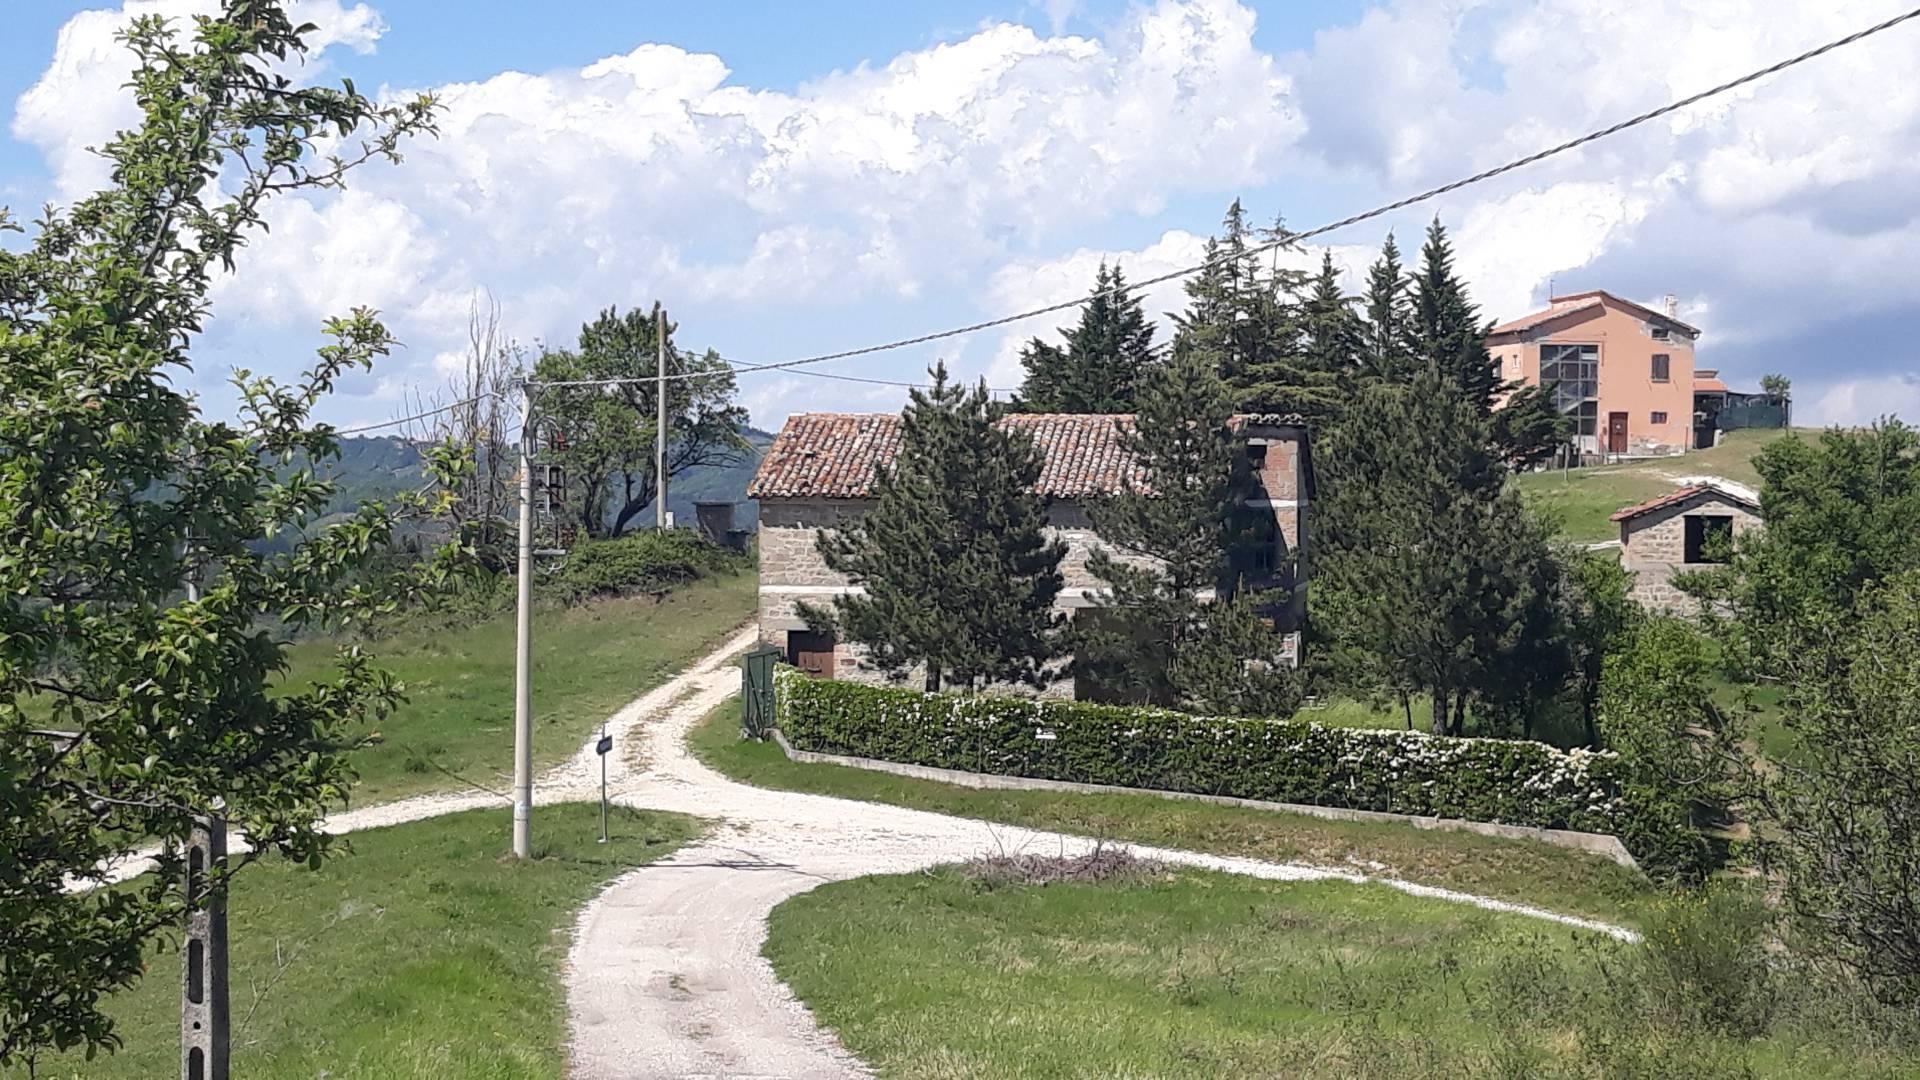 Rustico / Casale in vendita a Roccafluvione, 8 locali, prezzo € 150.000 | CambioCasa.it